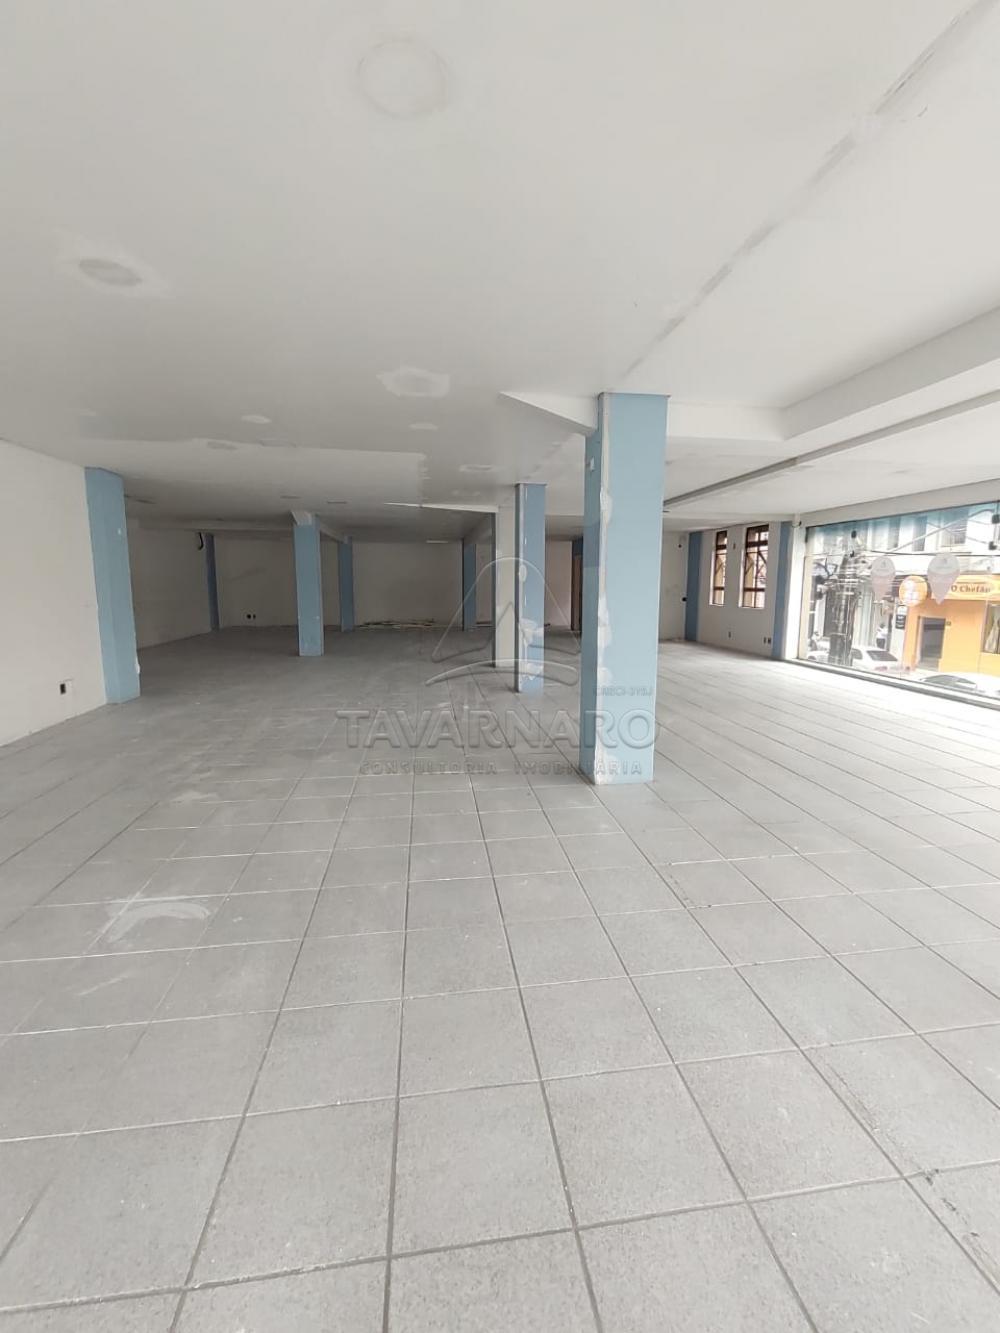 Alugar Comercial / Sala em Ponta Grossa R$ 5.142,00 - Foto 5